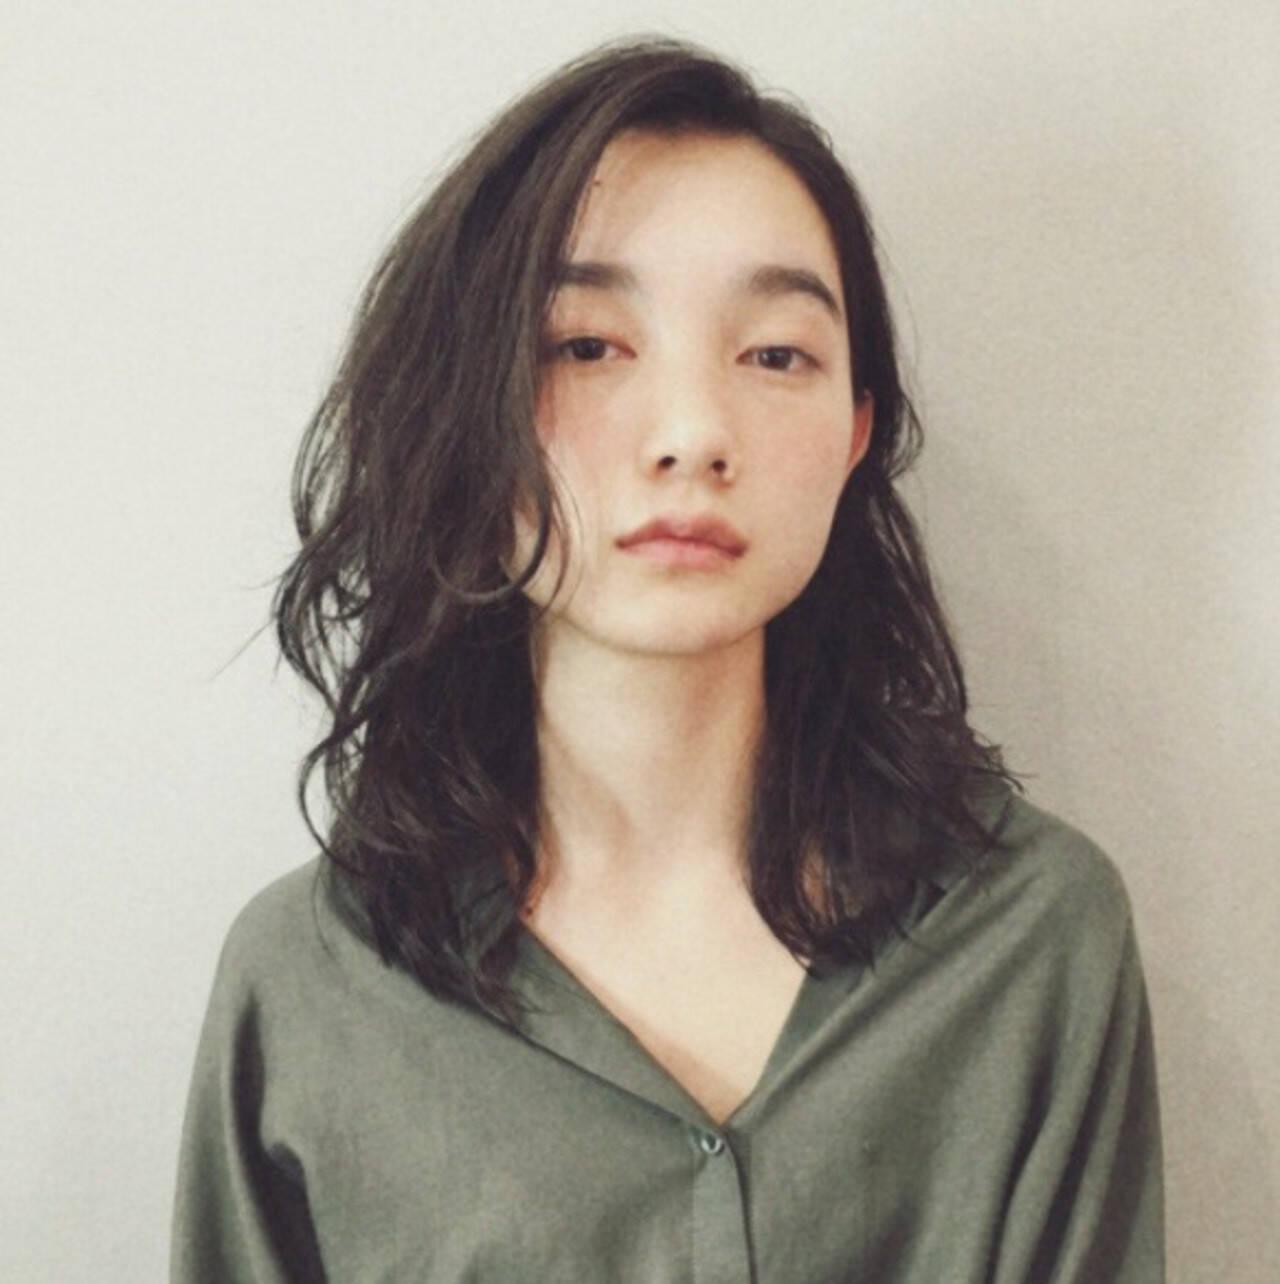 毛先パーマ ミディアム ナチュラル ワンカールパーマヘアスタイルや髪型の写真・画像